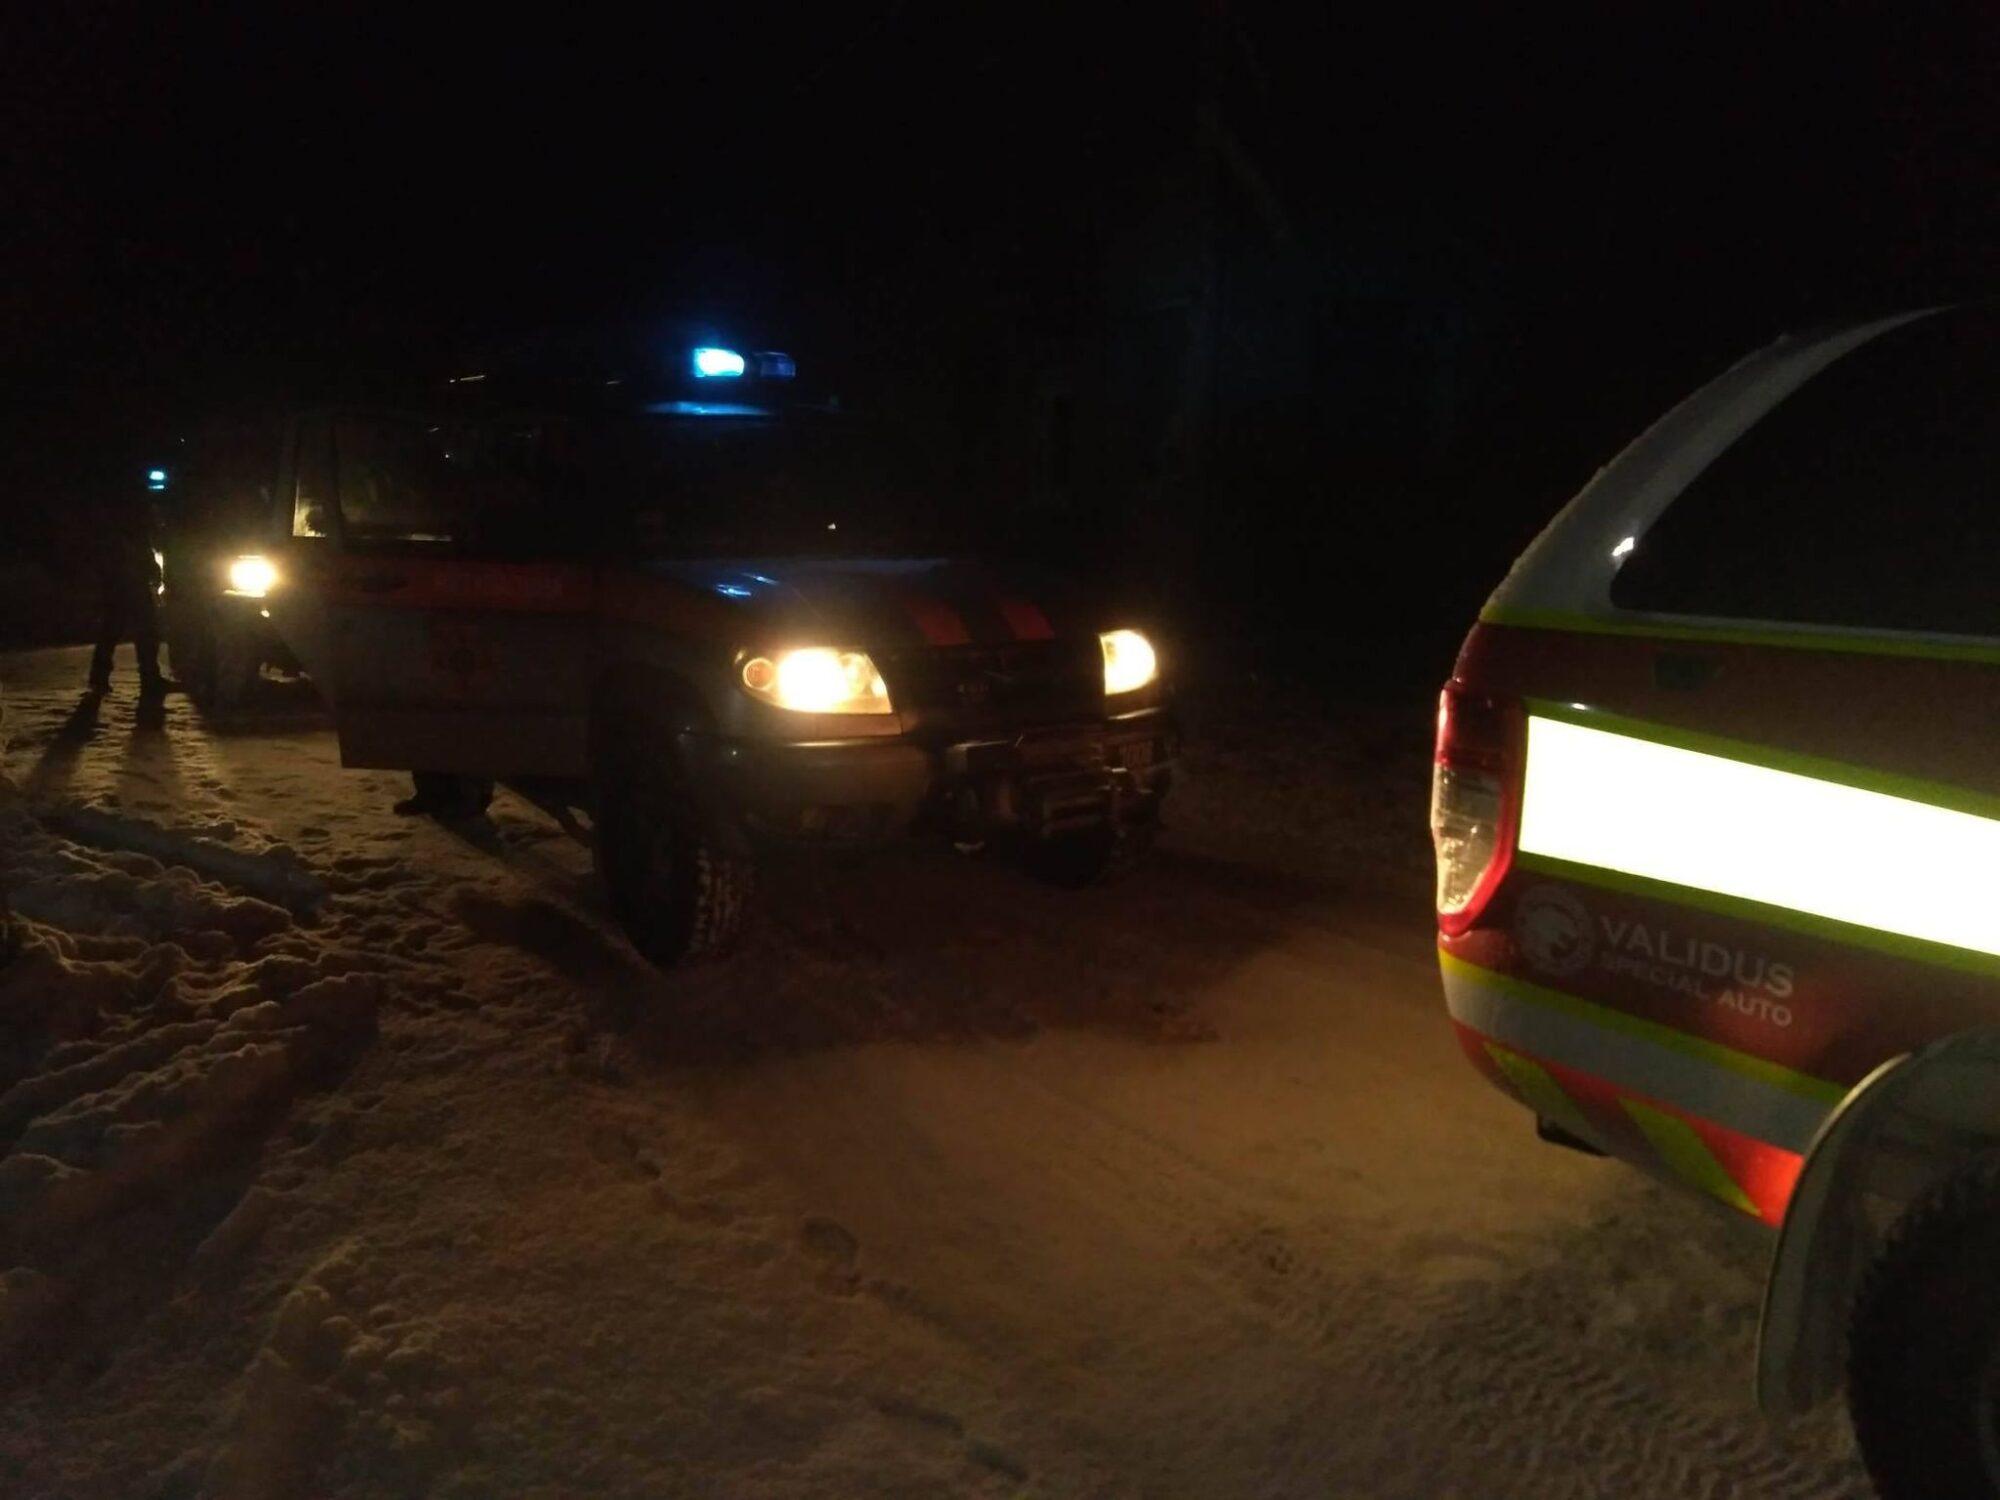 Небезпечні Карпати: рятувальники третій день поспіль шукають киянина (відео) - туристи, Карпати, зникнення - 150862966 3759251054186126 6495521479036213303 n 2000x1500